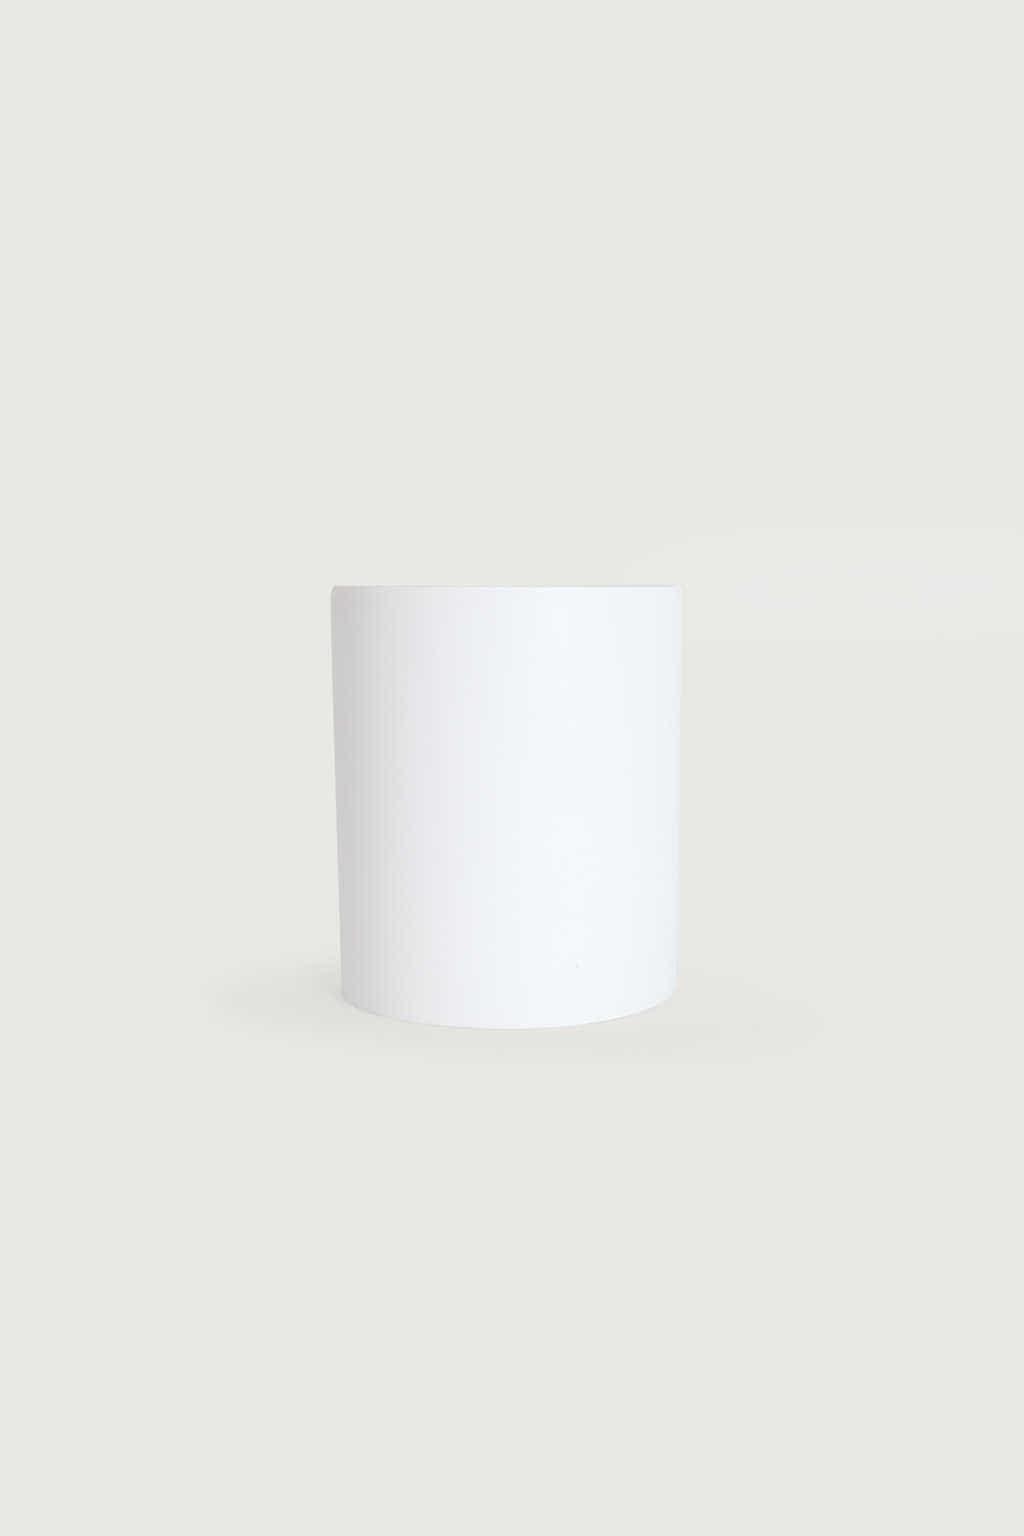 Slim Ceramic Planter 2946 White 4